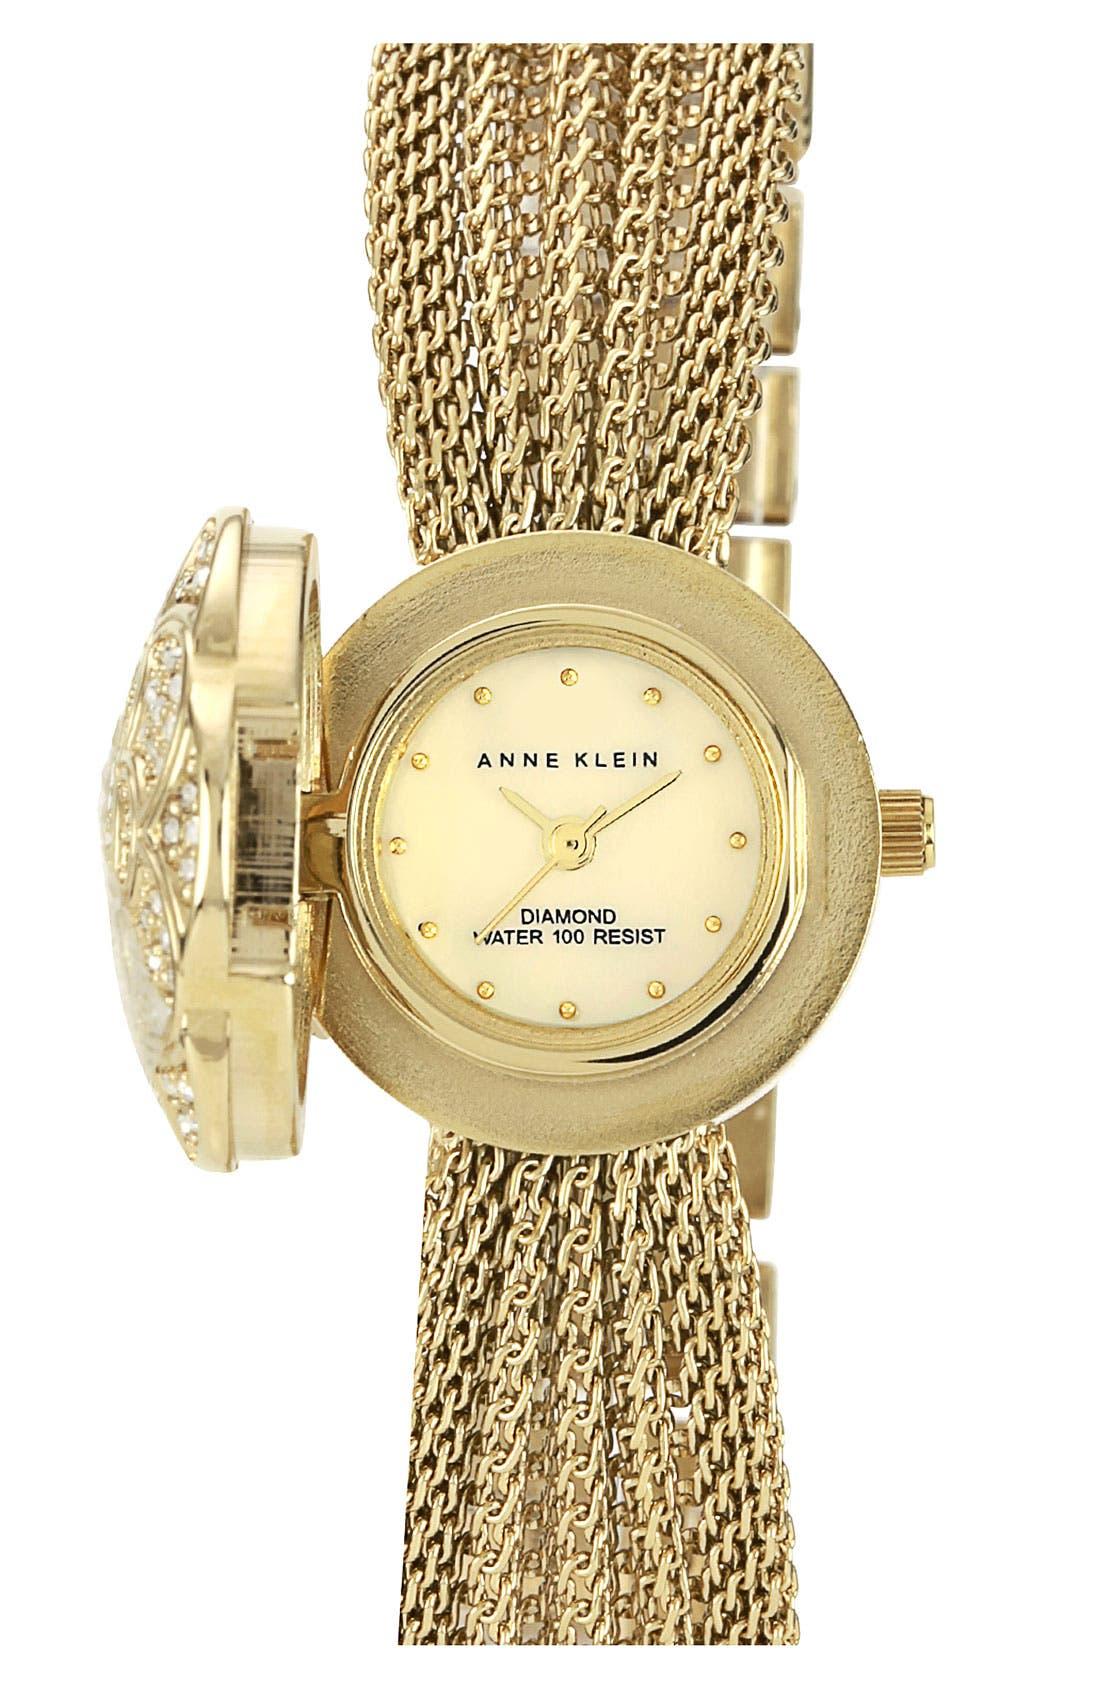 Main Image - Anne Klein Flower Case Chain Bracelet Watch, 18mm